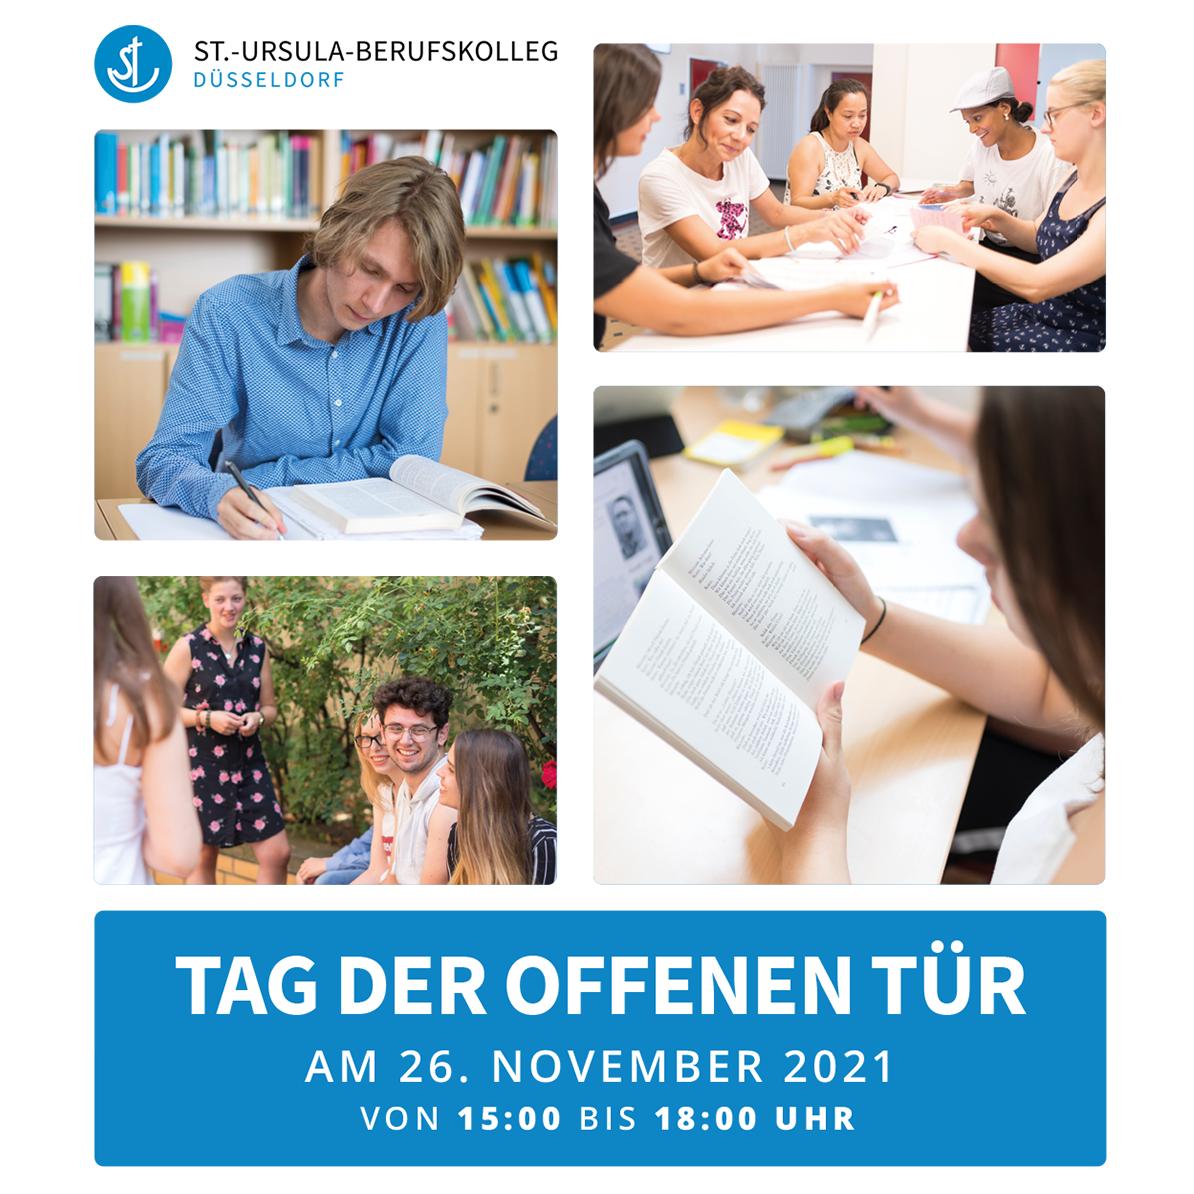 Tag der offenen Tür am St.-Ursula-Berufskolleg: Digitale Anmeldung ab sofort möglich